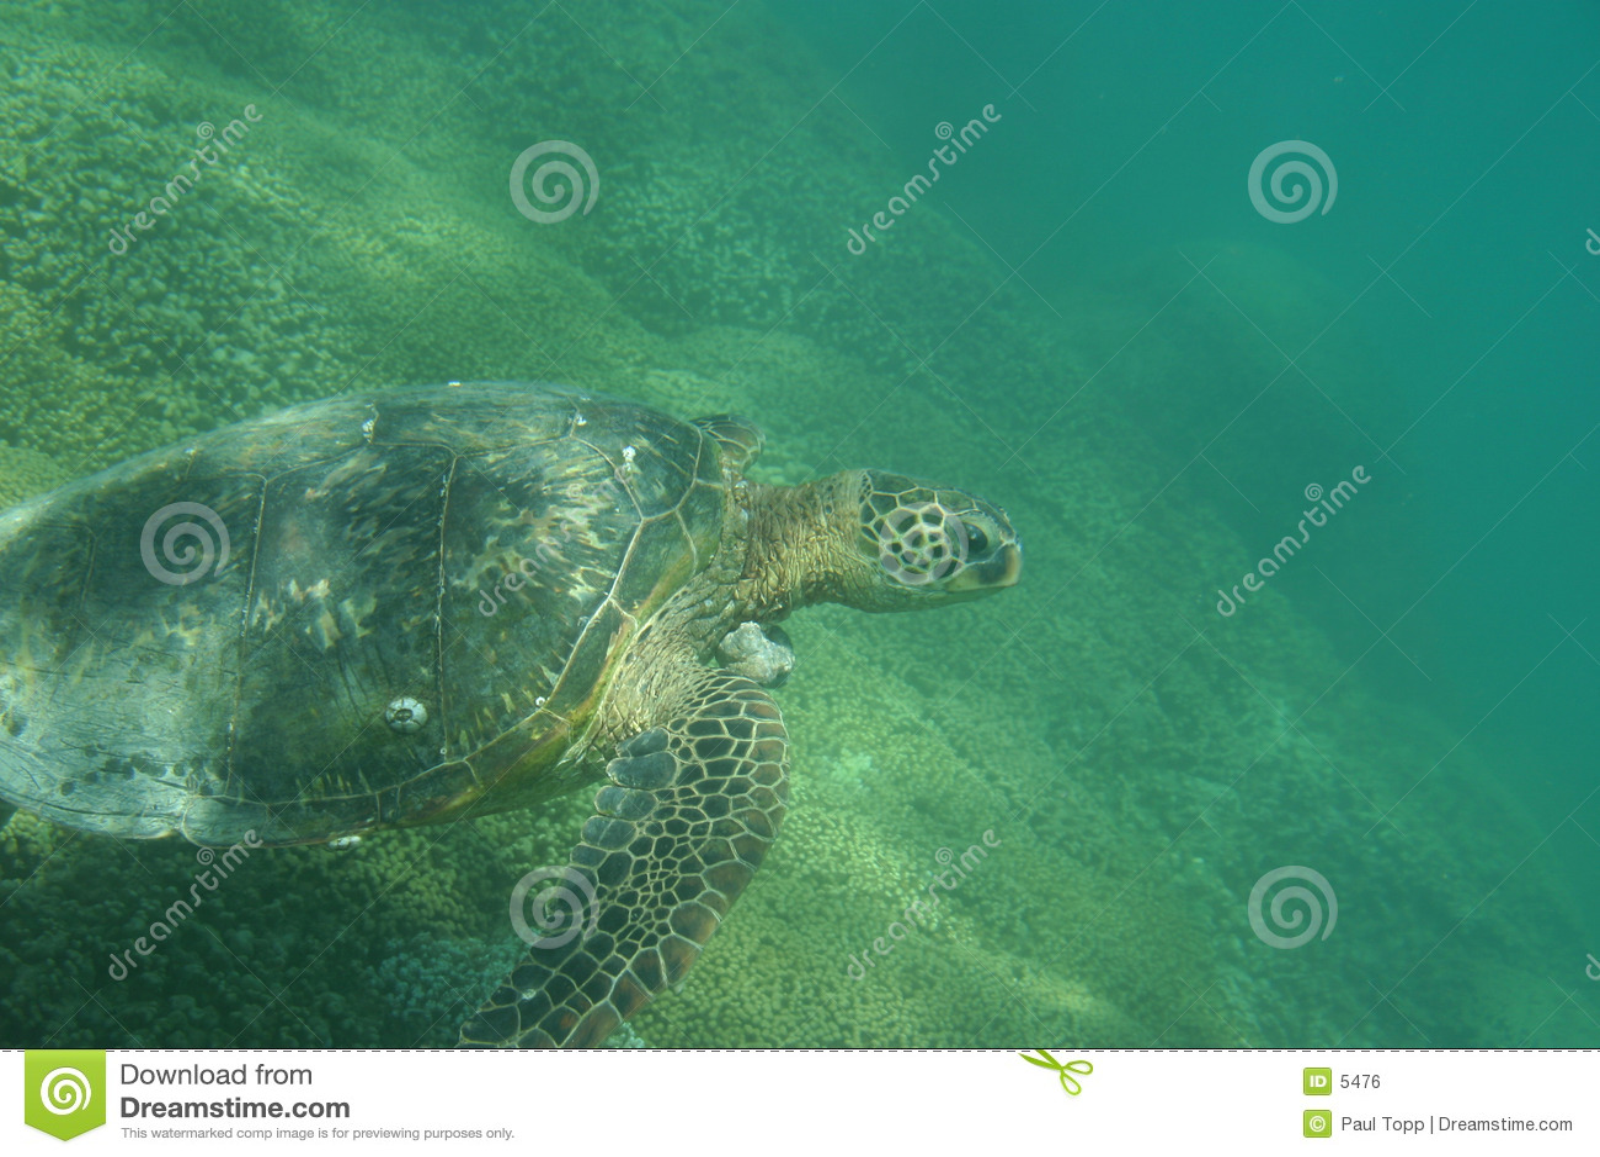 绿色夏威夷海龟